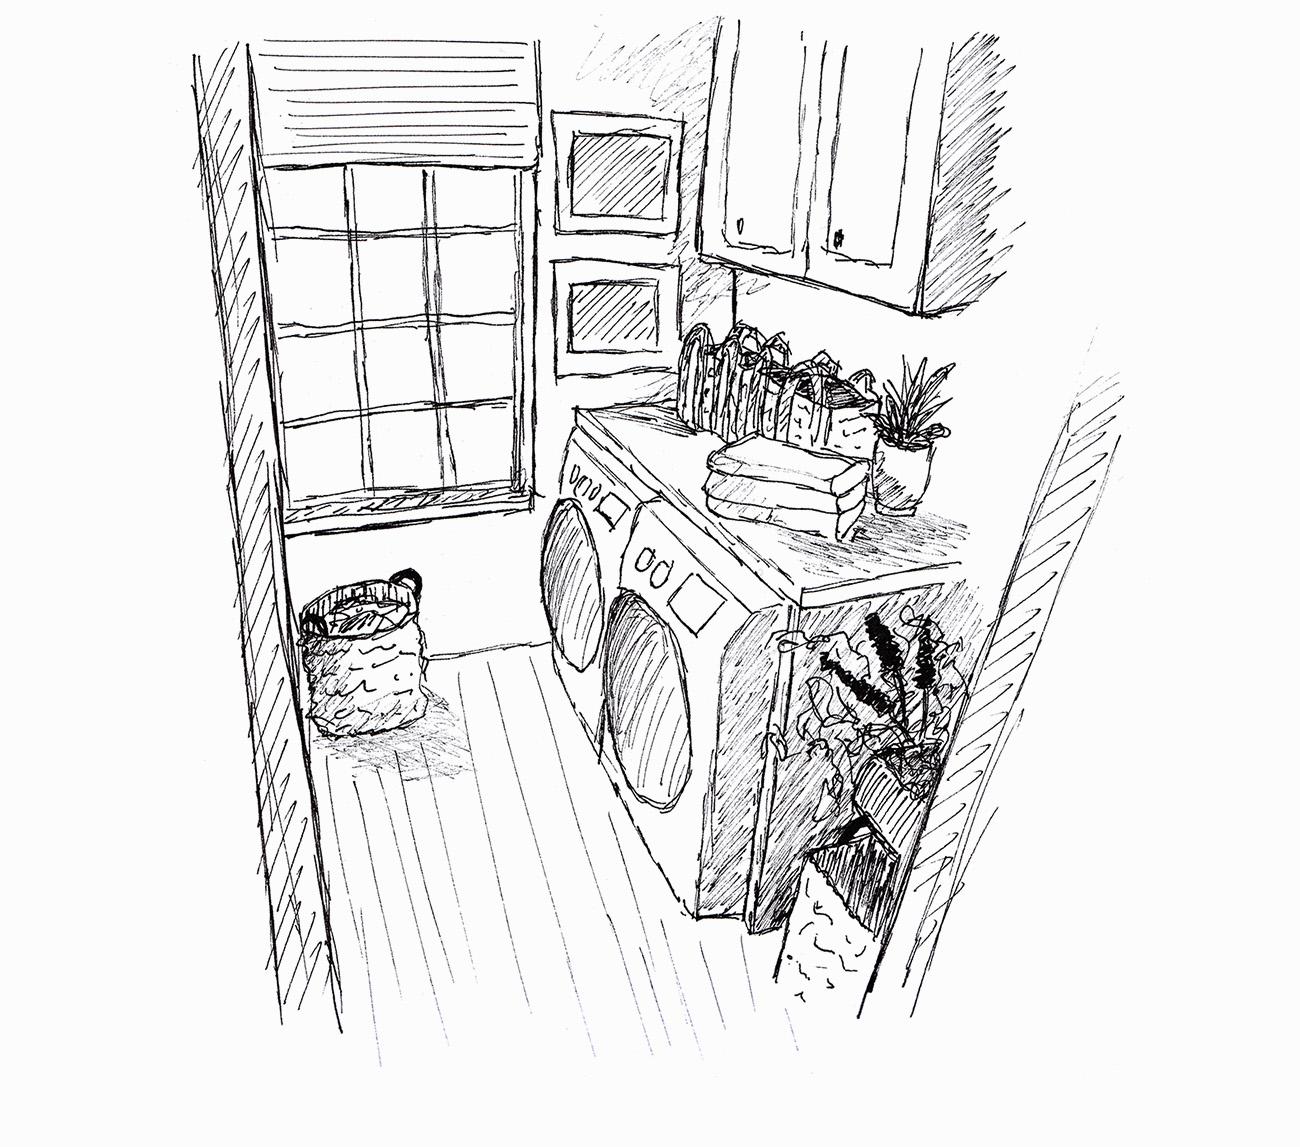 Skizze einer Waschküche